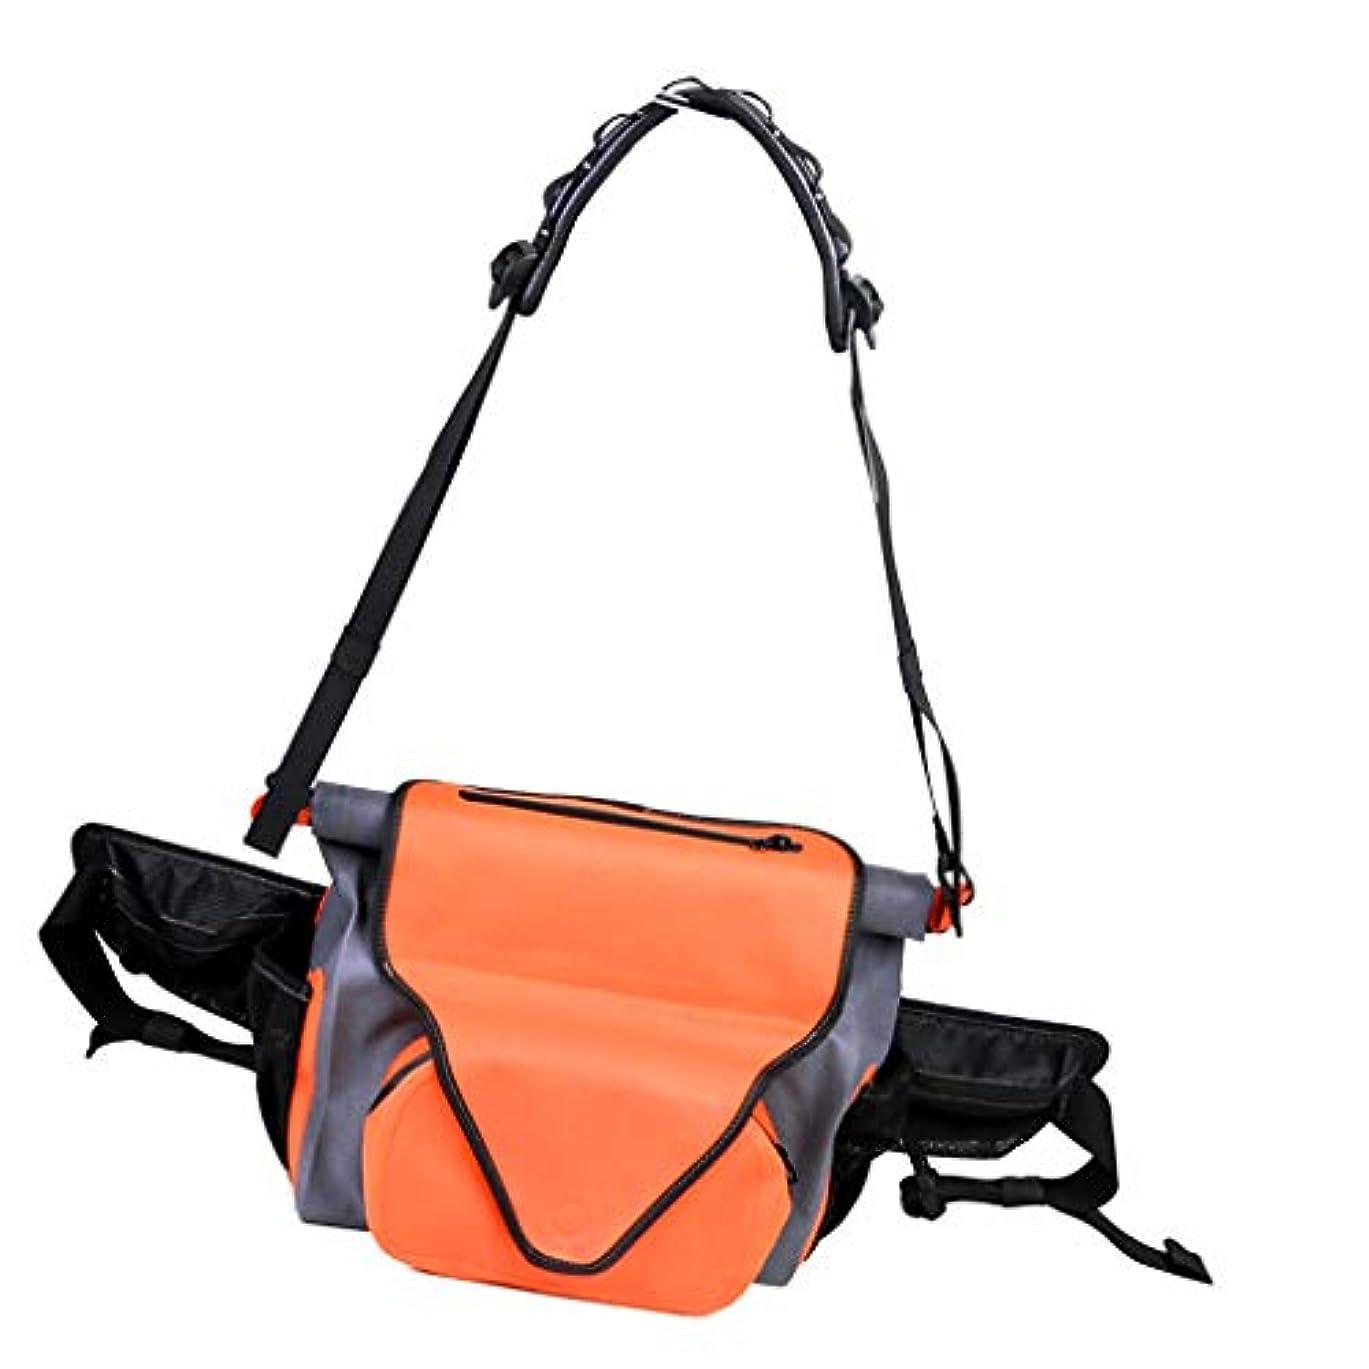 チューブ計算可能を除くDYNWAVE タックルバッグ 釣り袋 マルチポケット 釣り道具 調節可能 大容量 軽量